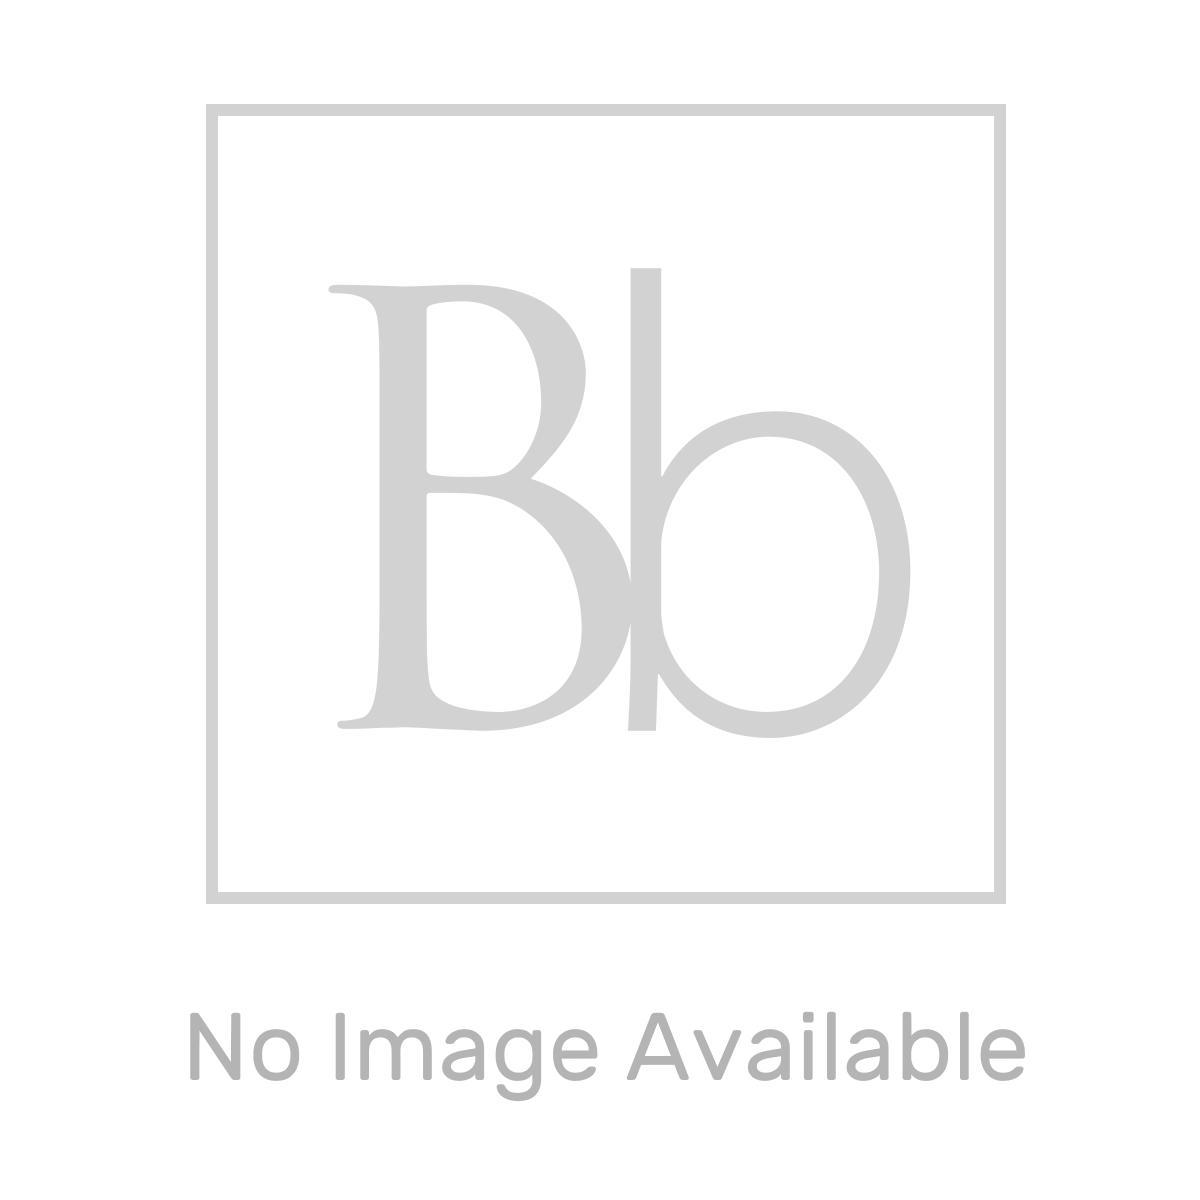 Frontline Slimline Offset Quadrant Shower Tray 1200 x 800mm Right Handed